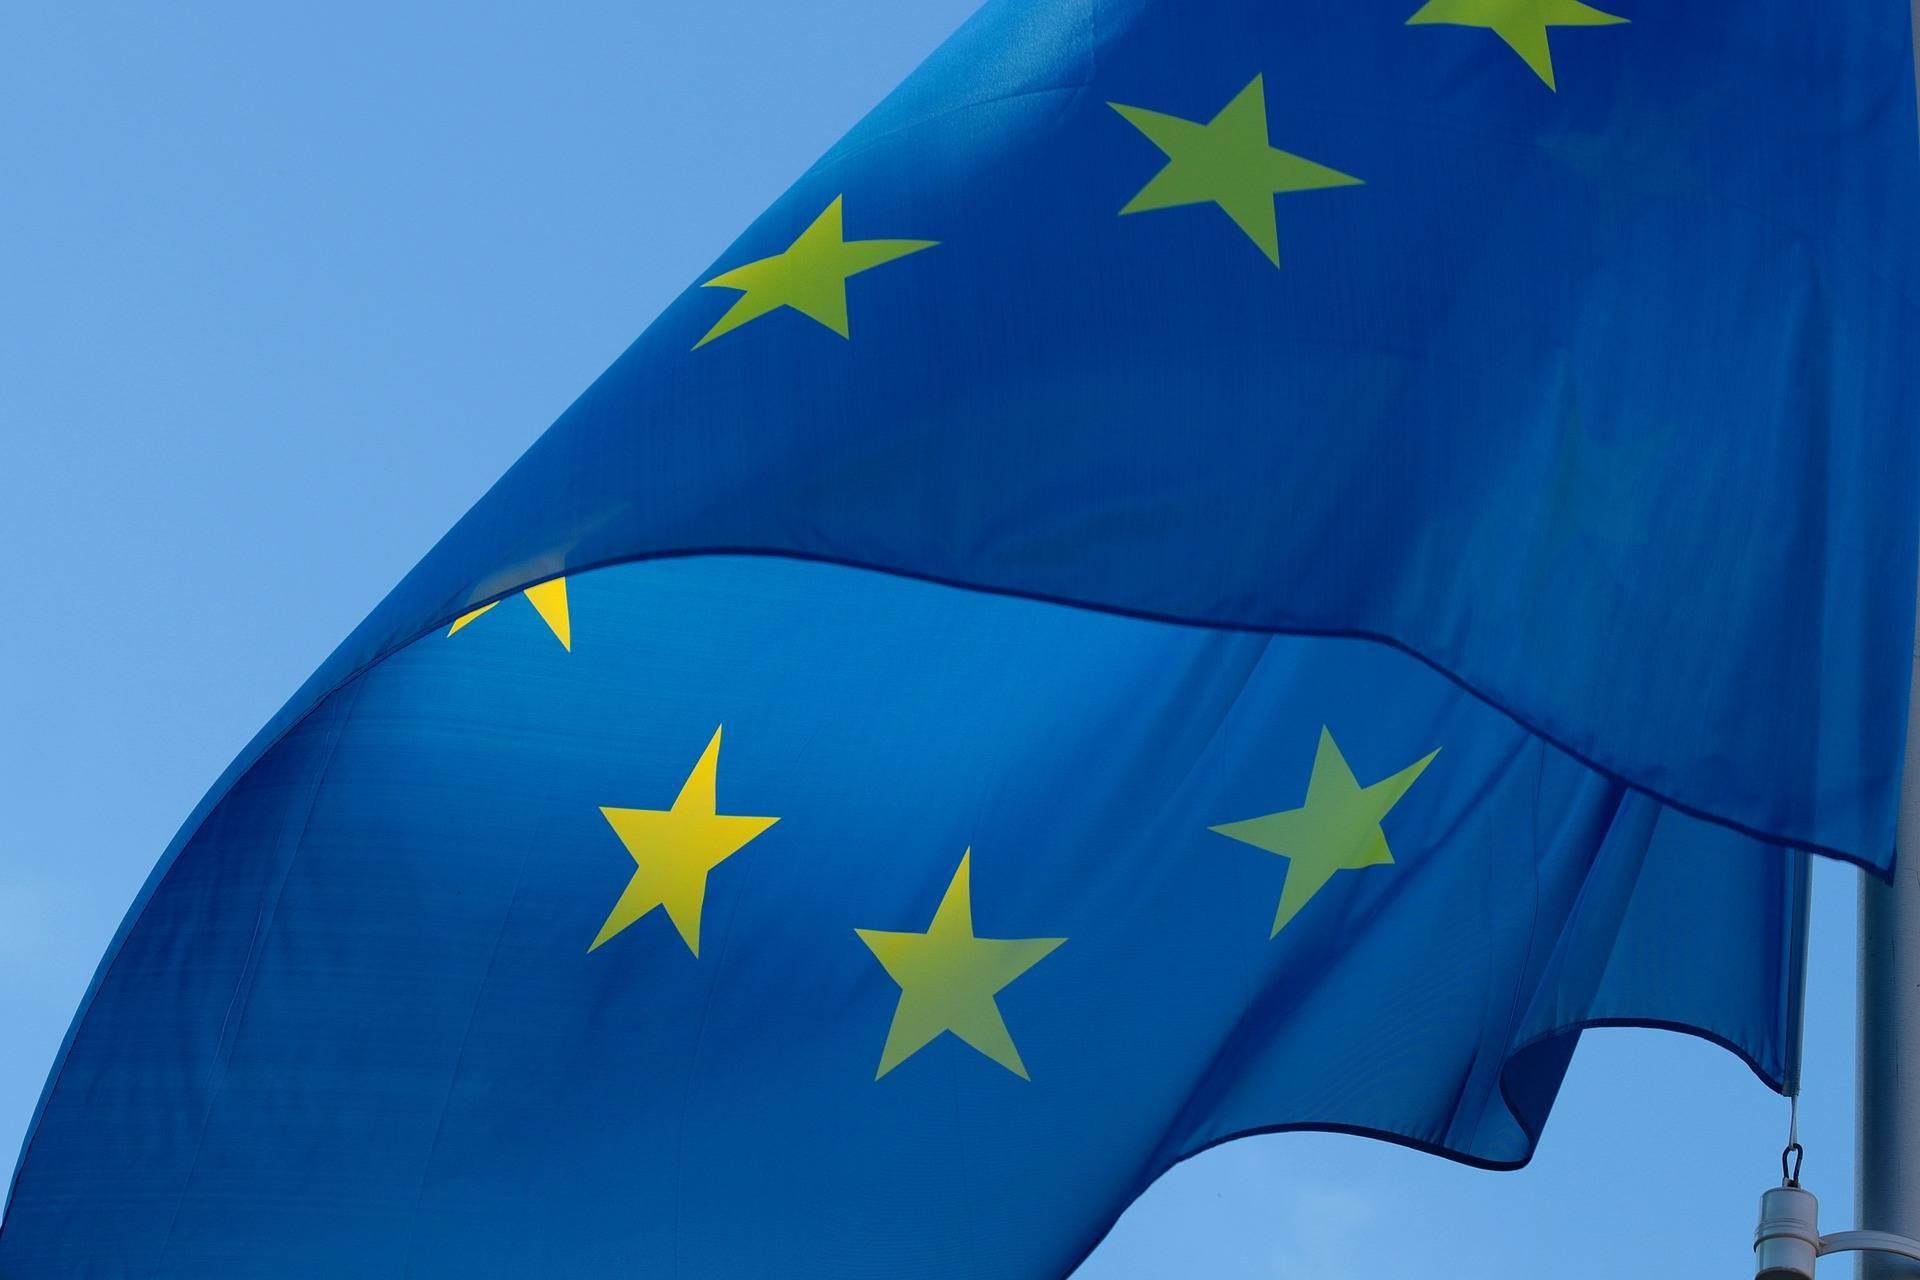 L'Union Européenne et la longévité | La mort de la mort